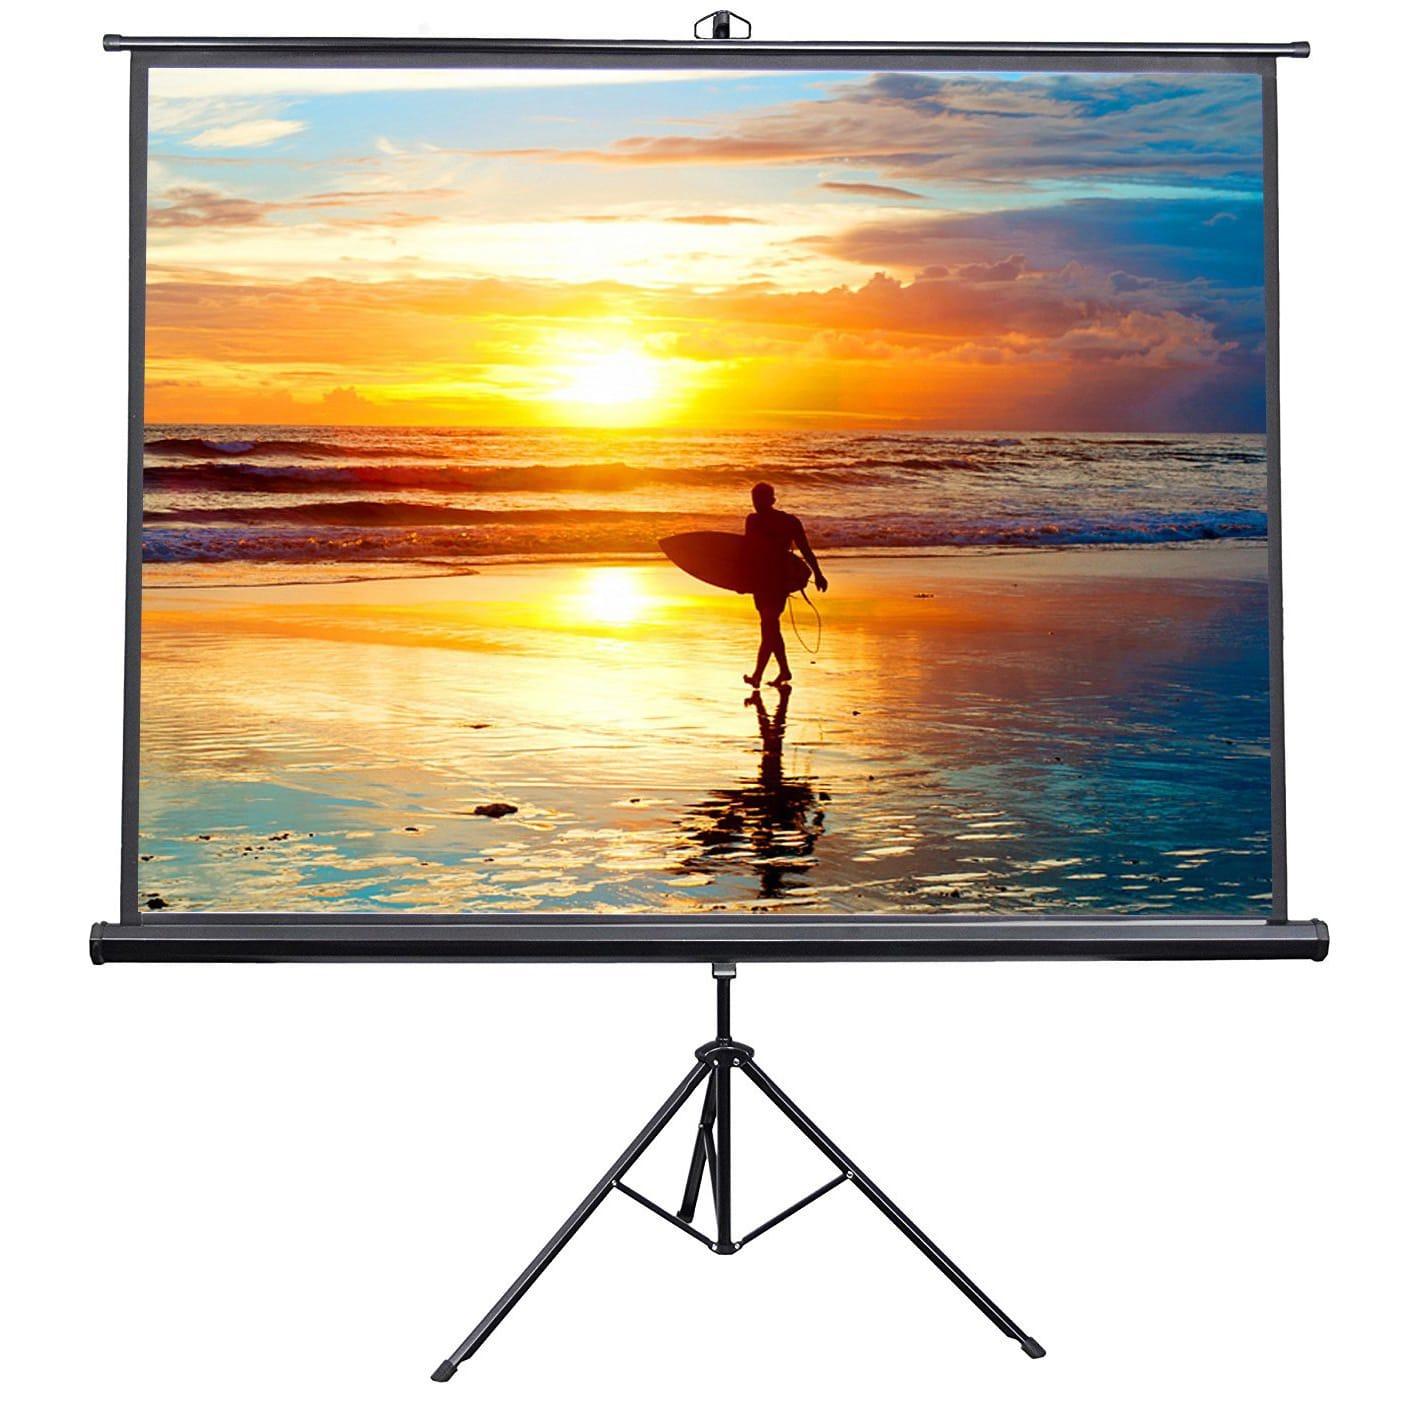 VIVO 100 inches Portable Outdoor Indoor Projector Screen